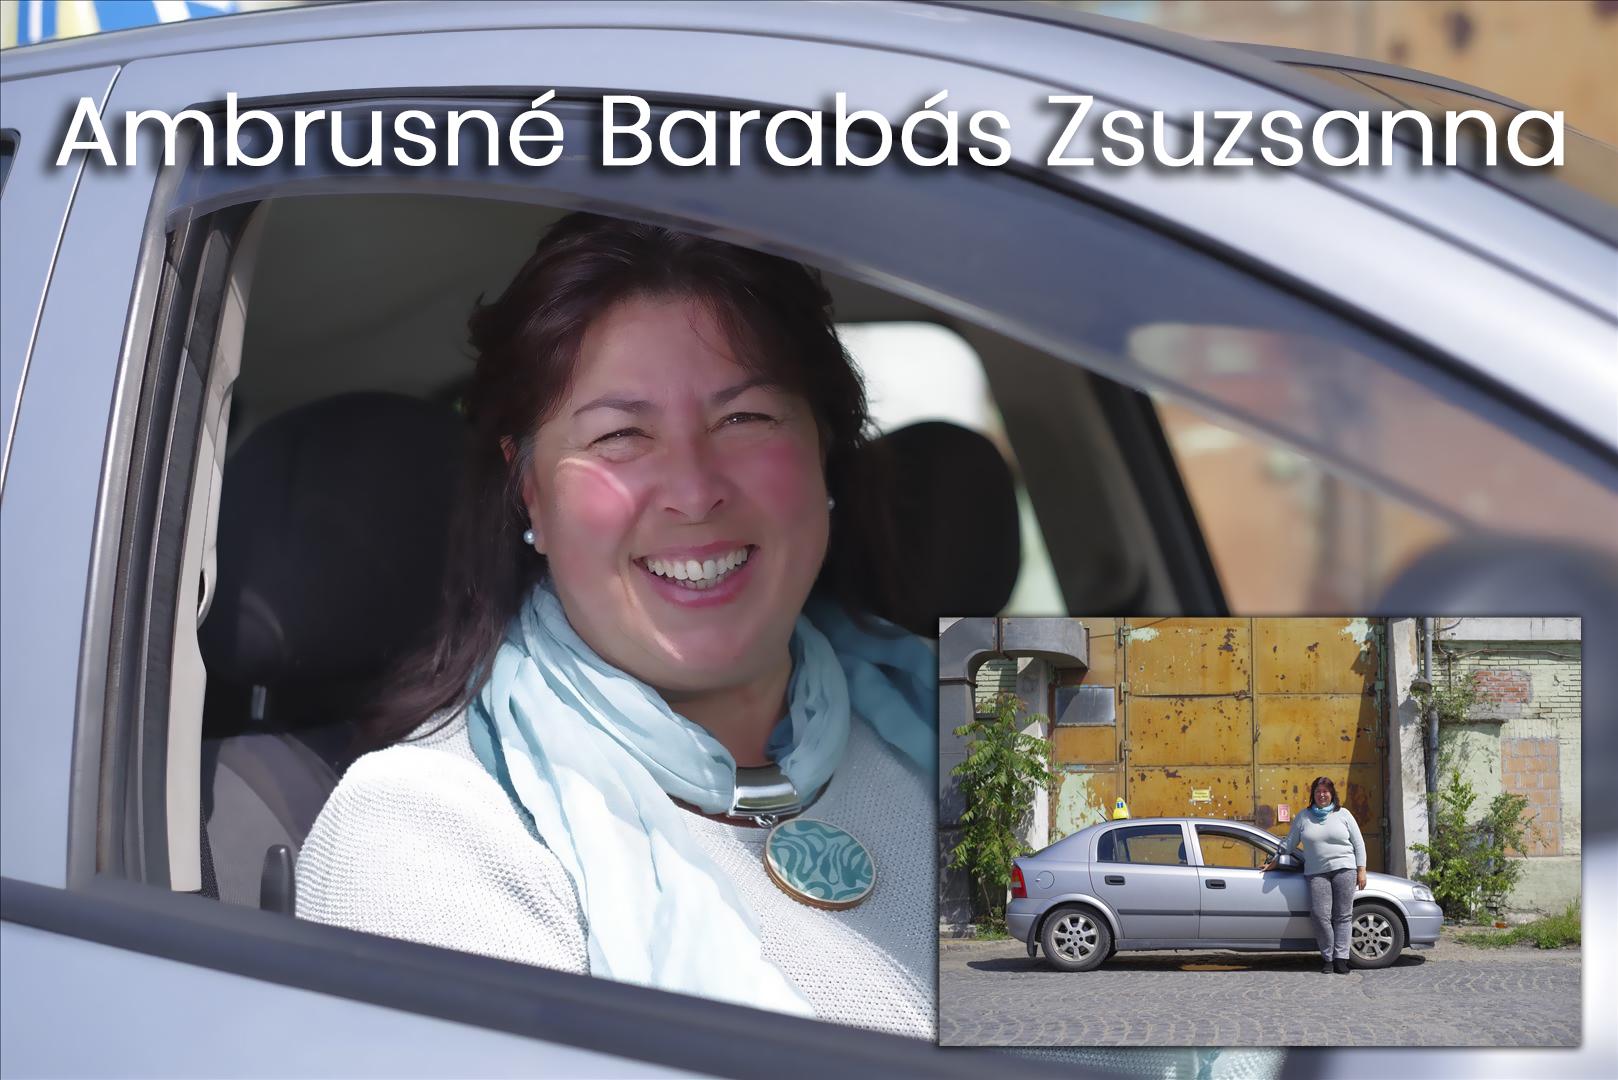 ambrusne_barabas_zsuzsanna_autosiskola_kesz